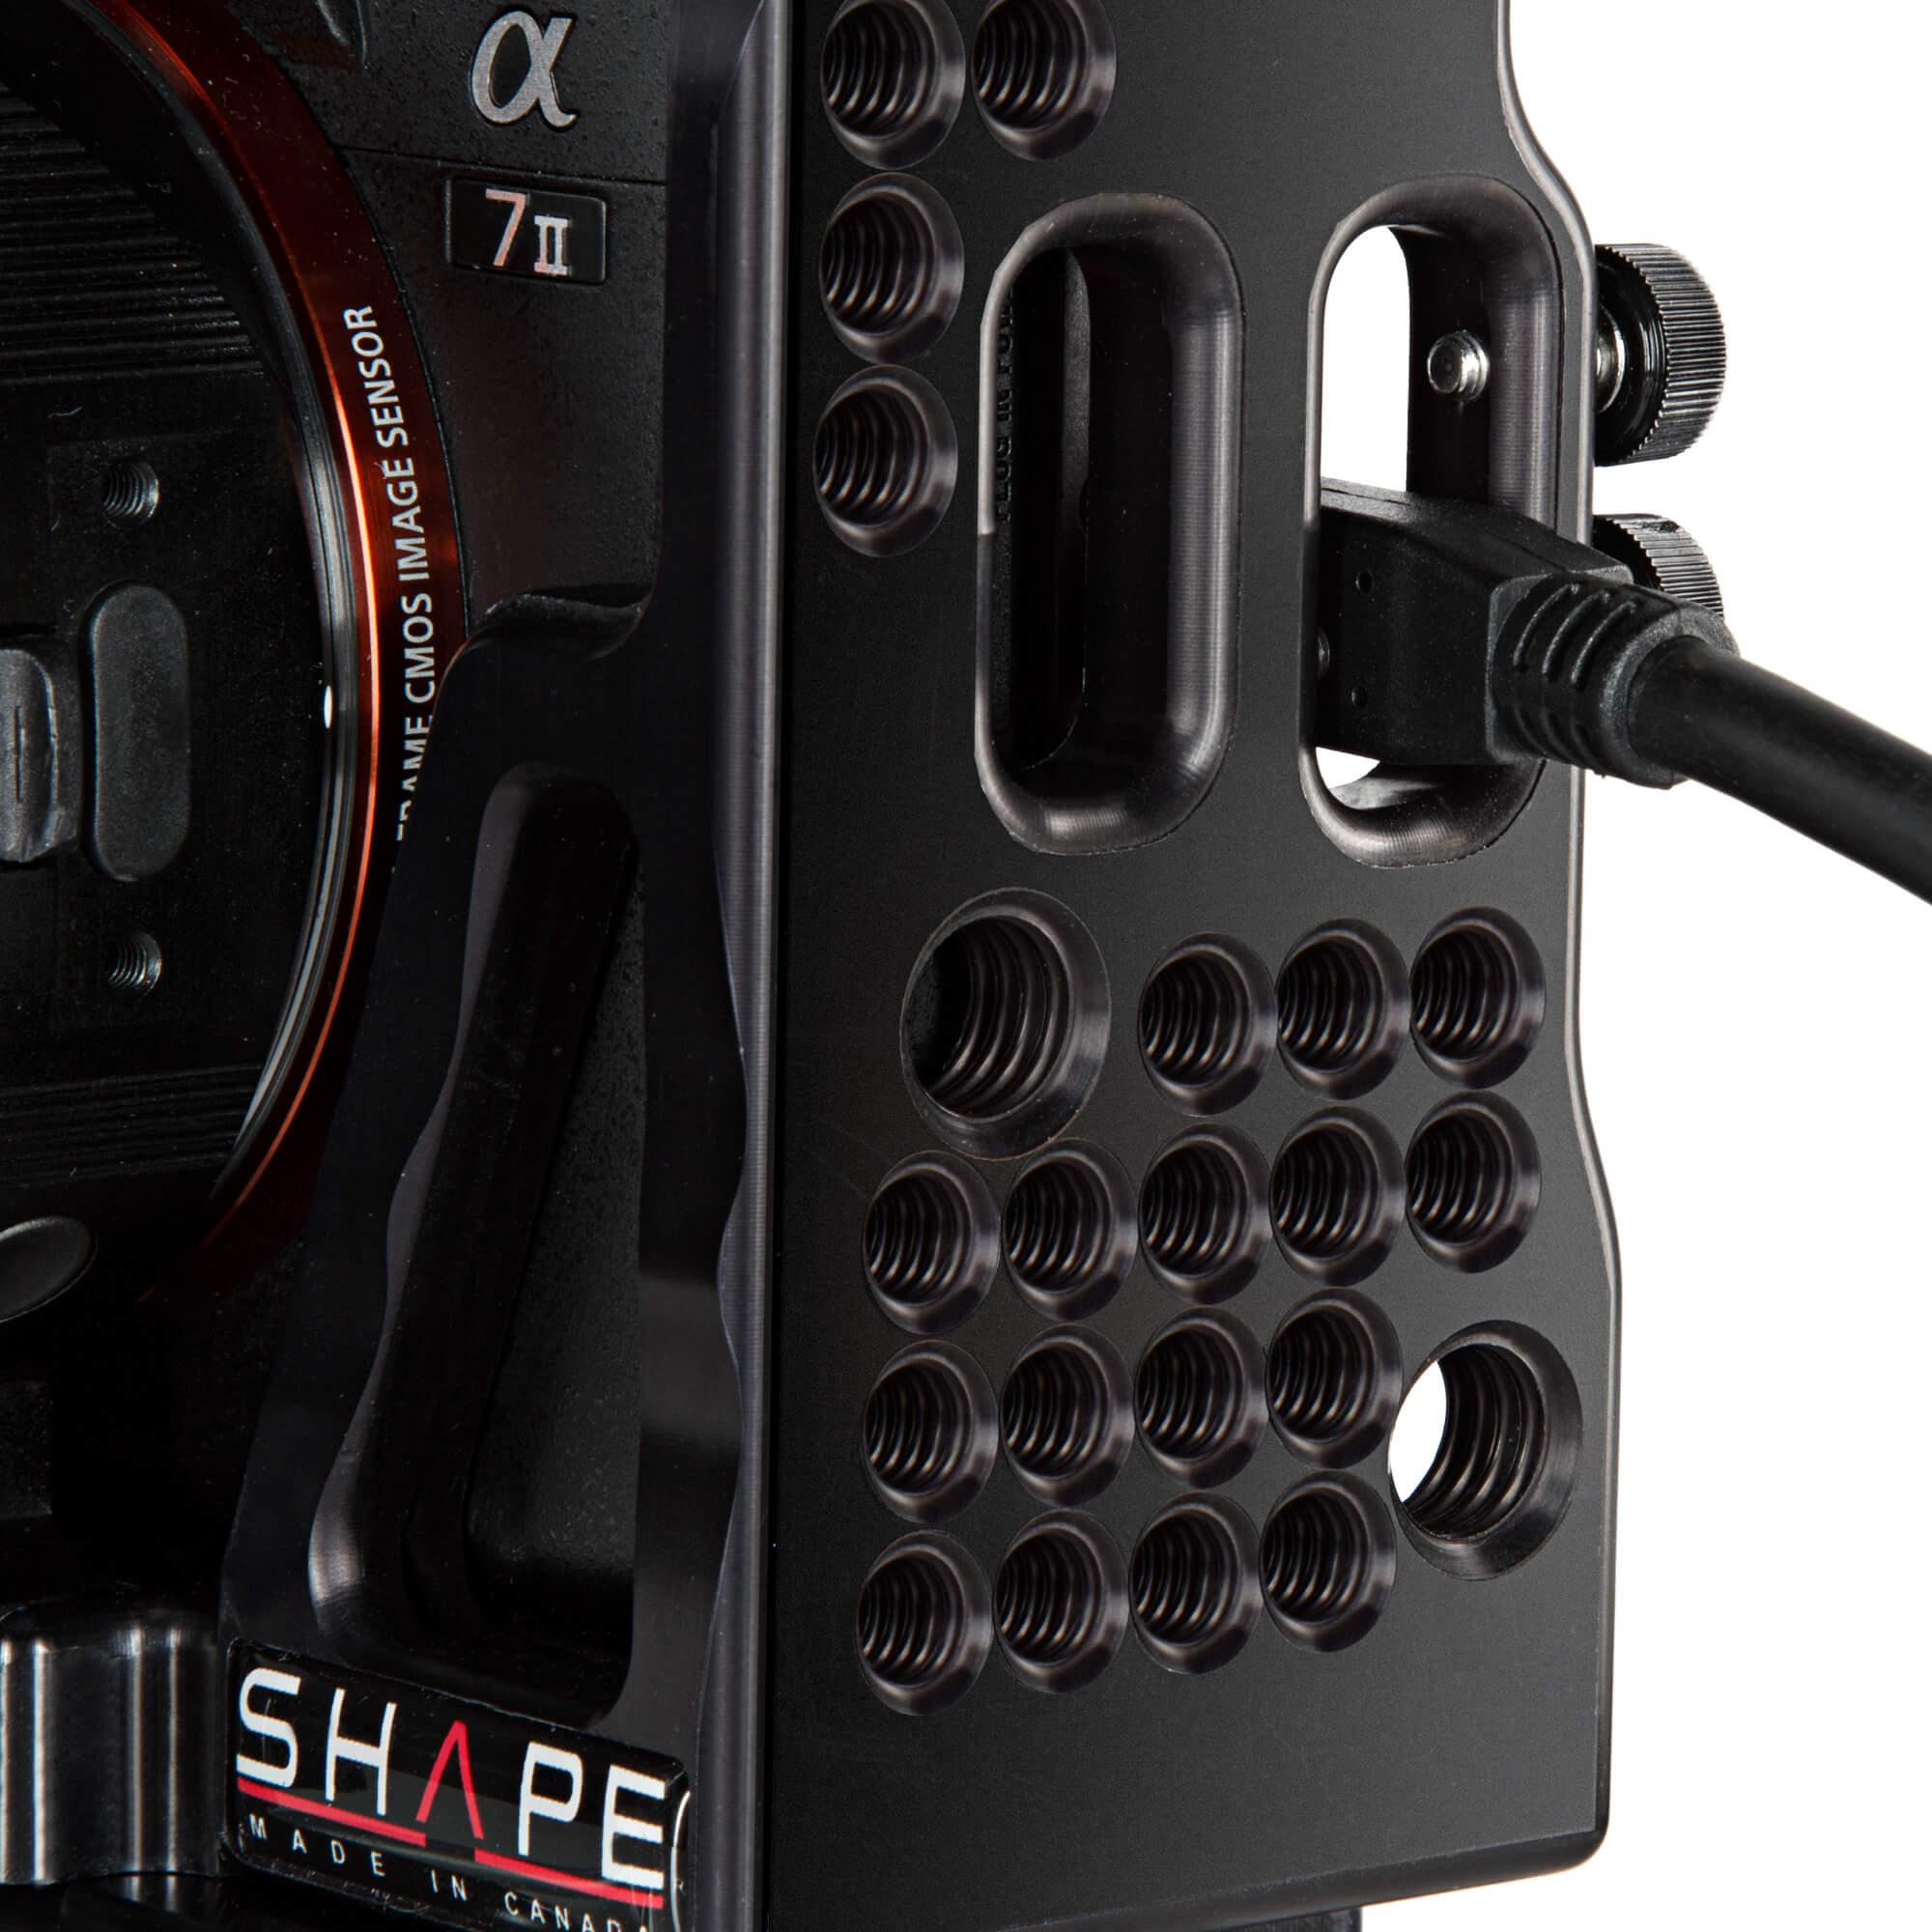 Sony A7S II - A7R II - A7 II kit matte box follow focus - SHAPE